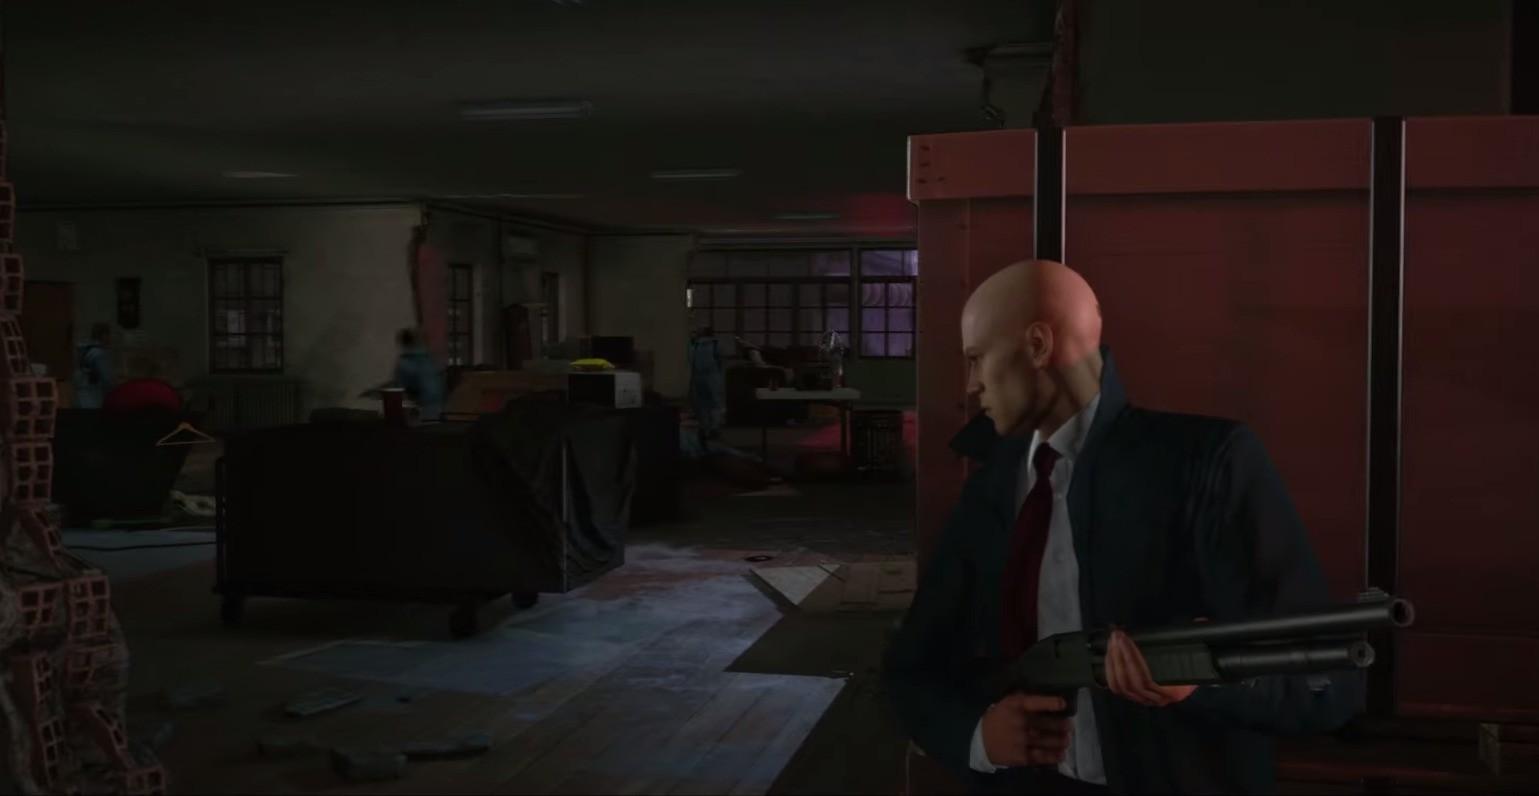 《杀手3》开发商公布PC玩家购买指南